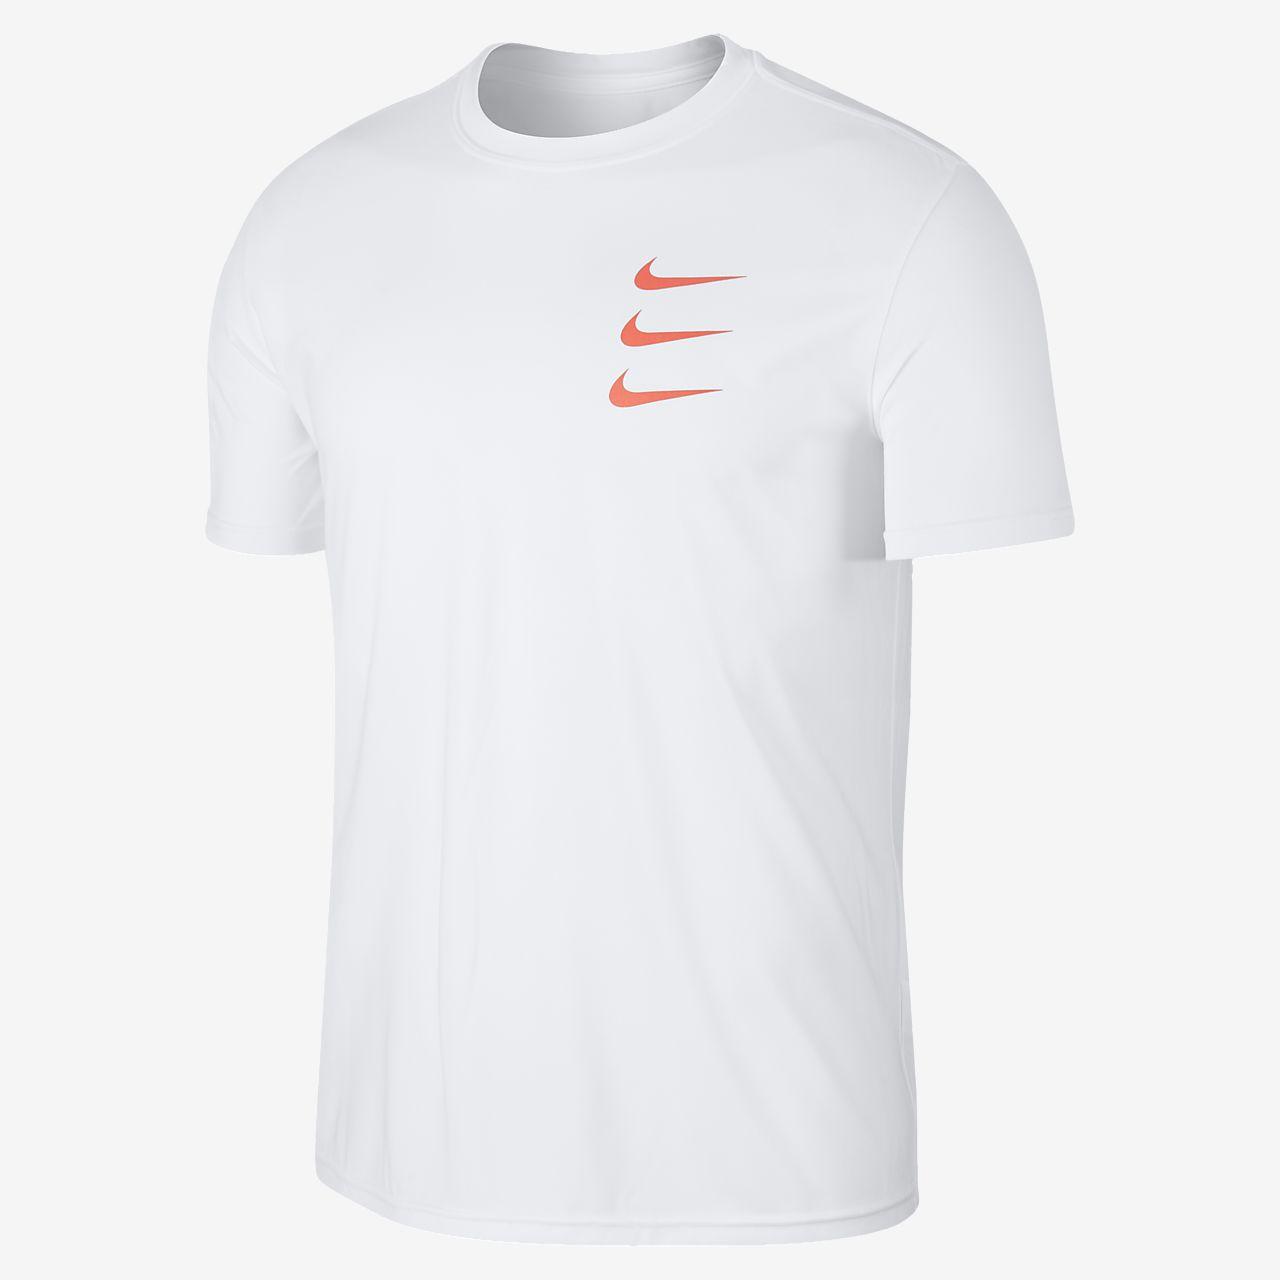 Nike Dri FIT (London) Lauf T Shirt für Herren